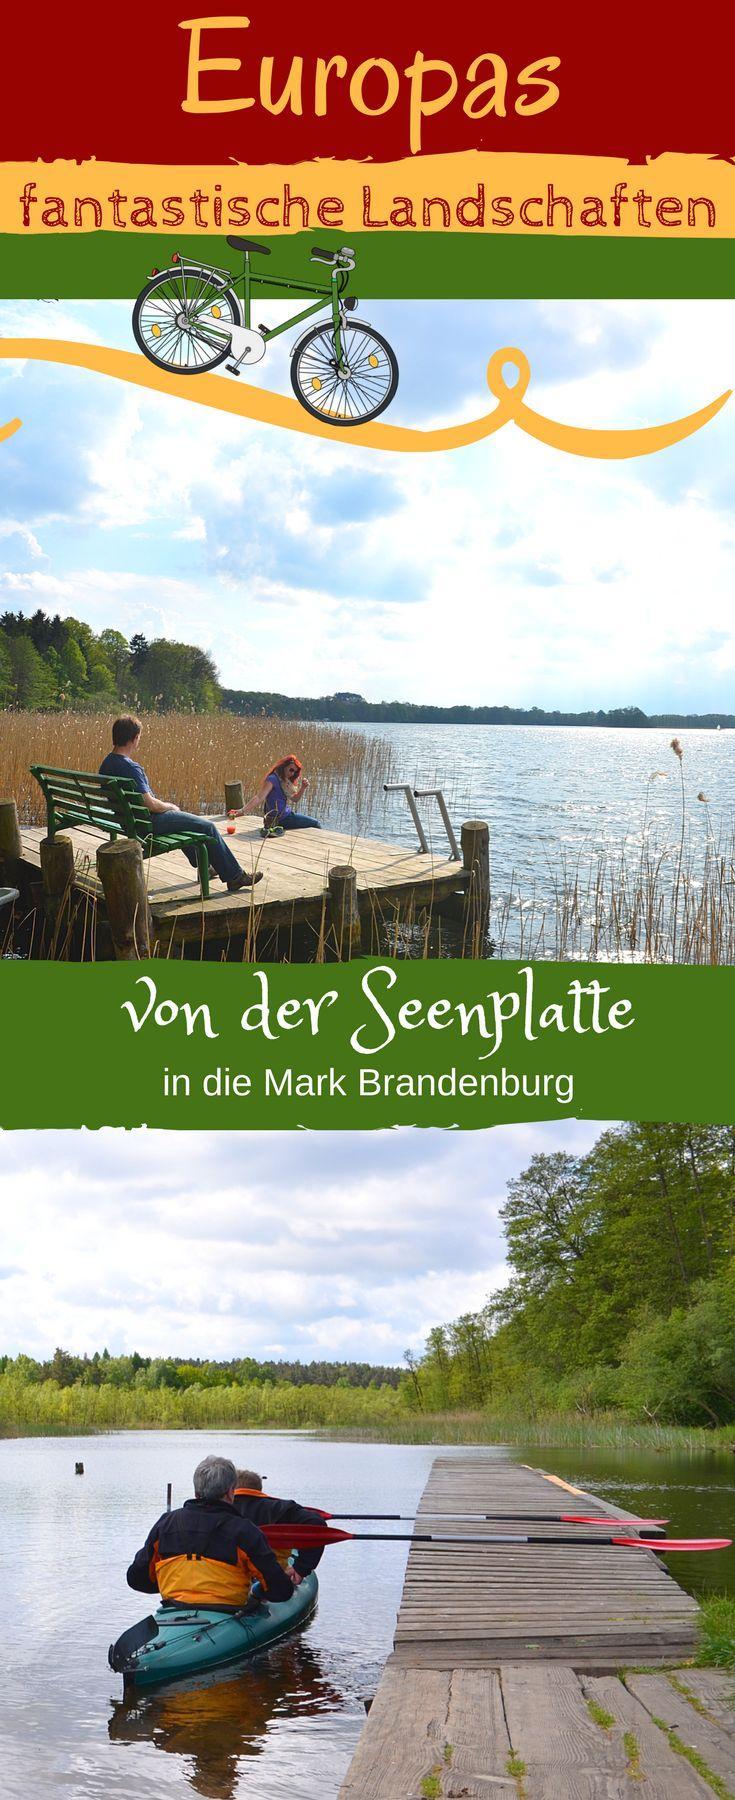 Zwischen den zwei Bundesländern #Mecklenburg und #Brandenburg liegen mit die schönsten Seenlandschaften Europas. Kommen Sie mit auf eine faszinierende Radrundfahrt - Urlaub für Individualisten! #Radtour #Reise #Deutschland